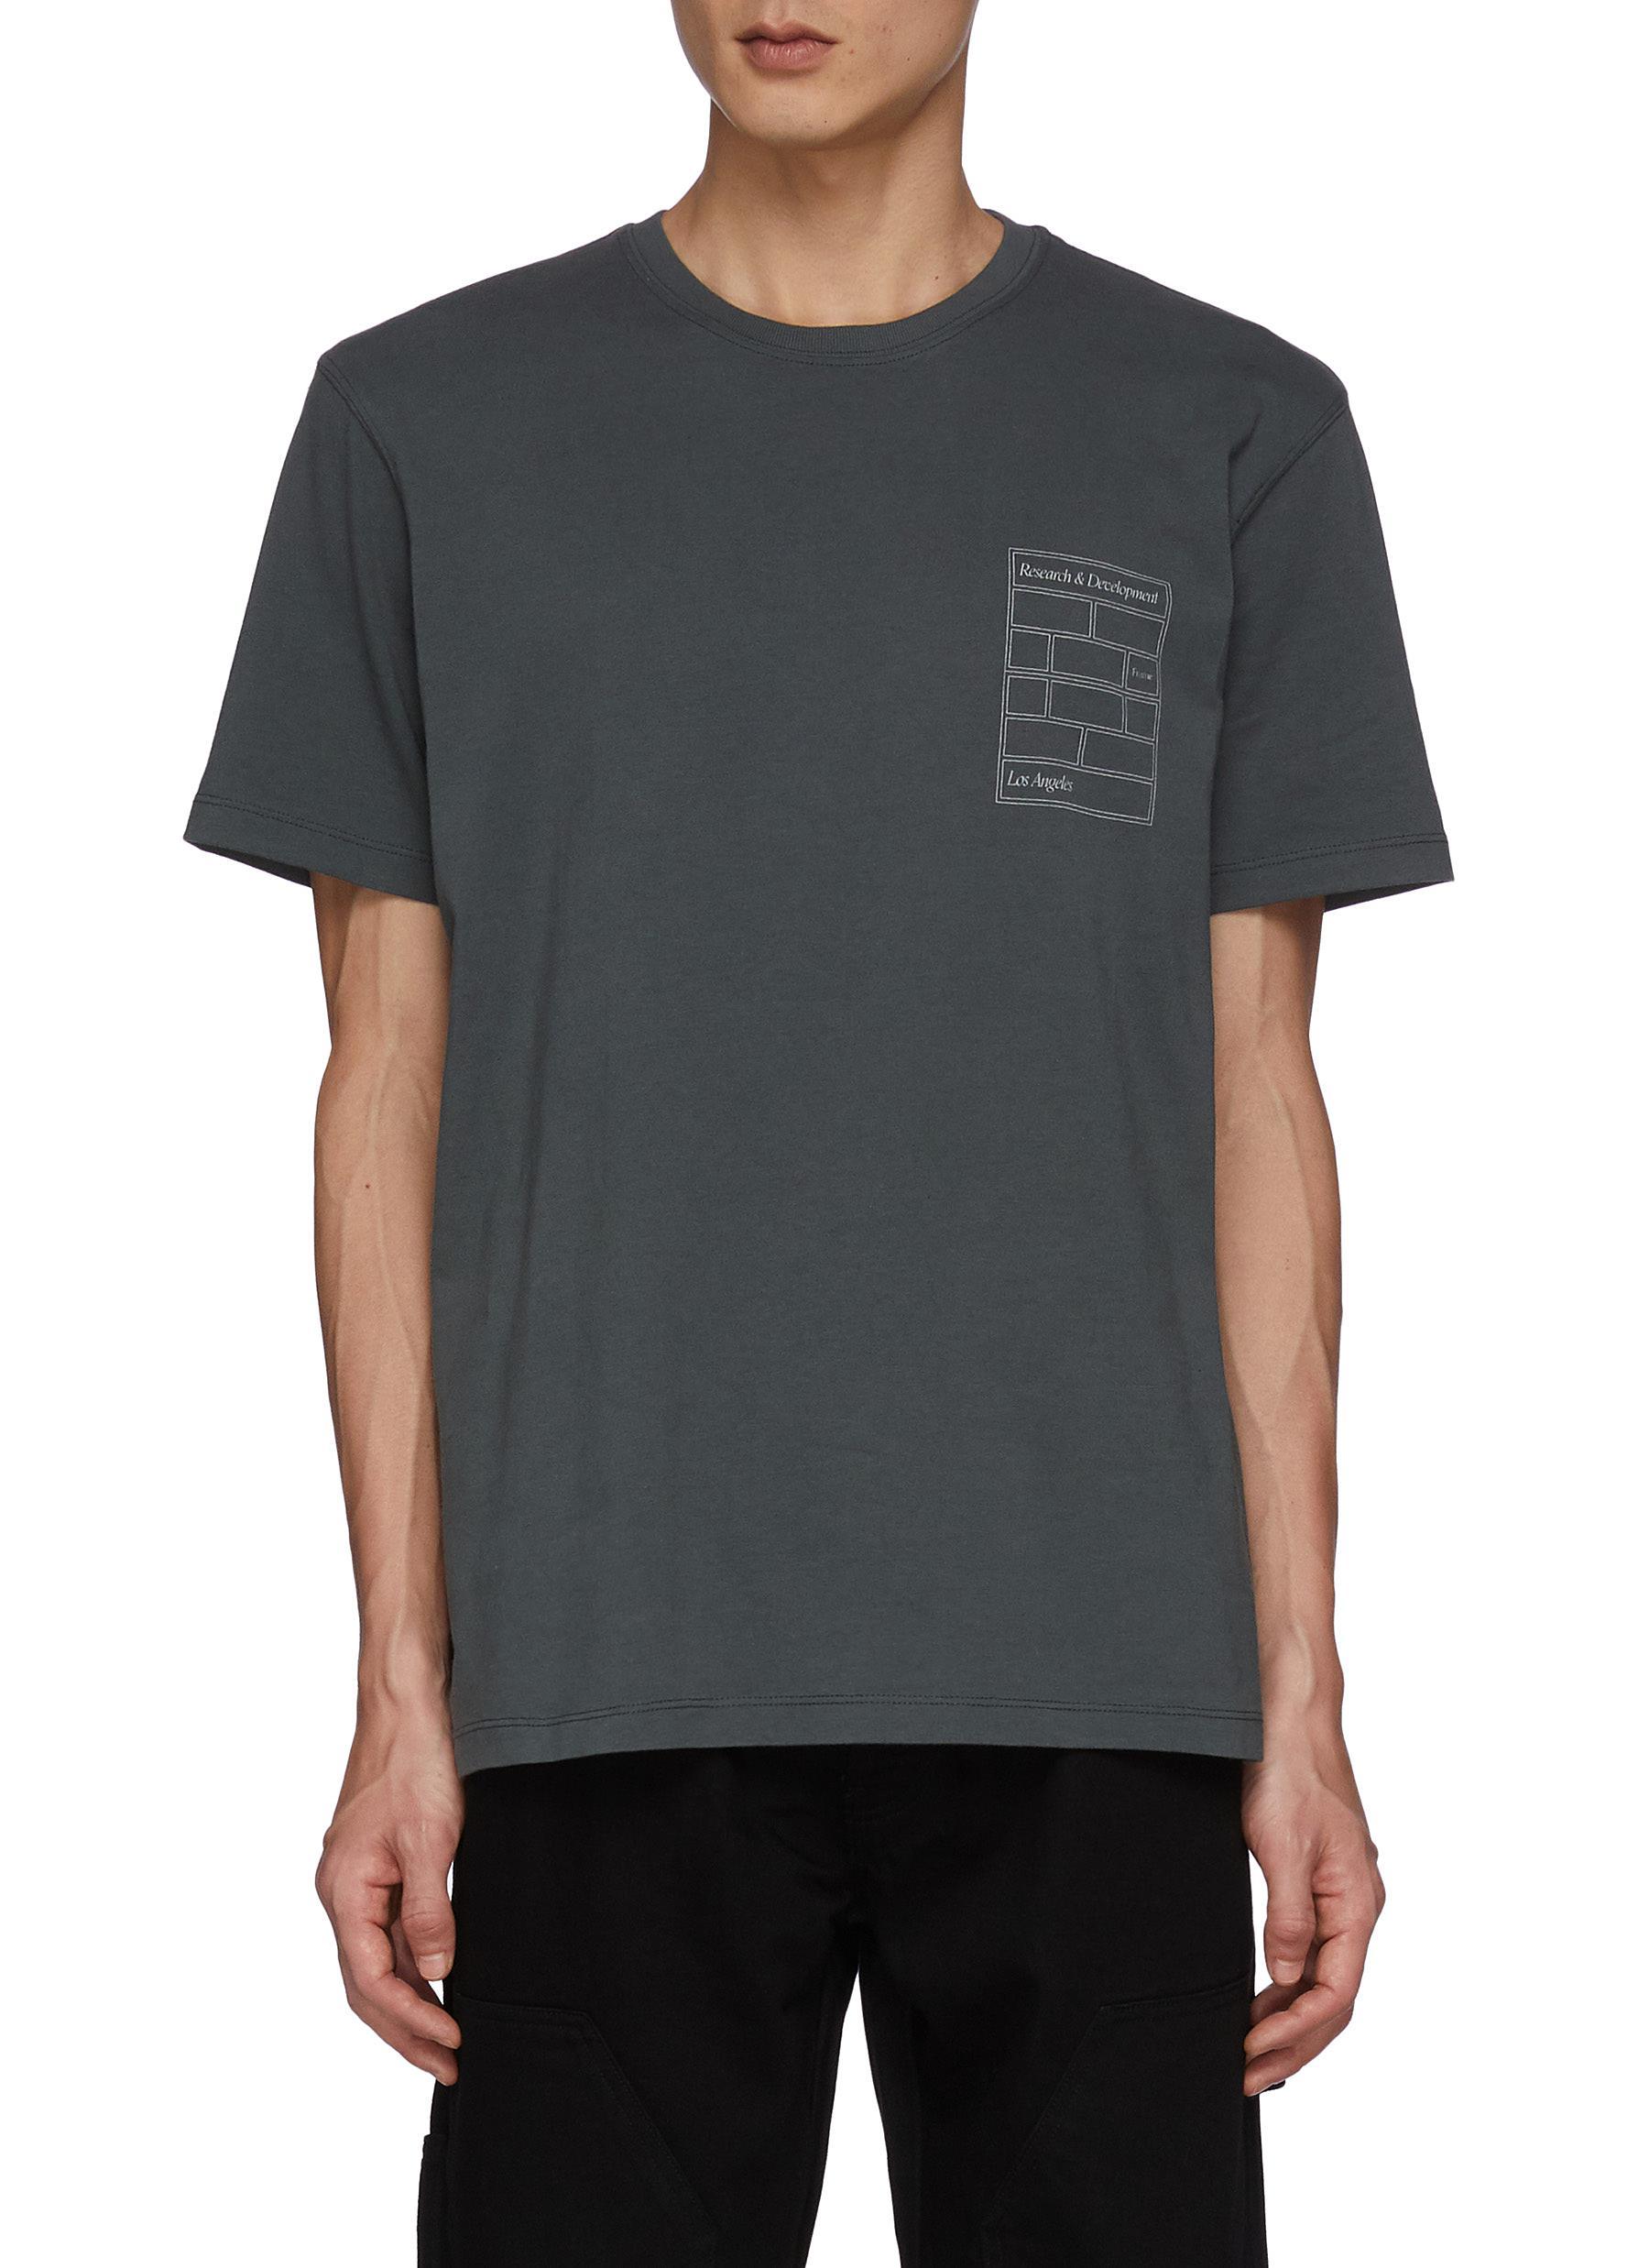 Printed Text Cotton Crewneck T-Shirt